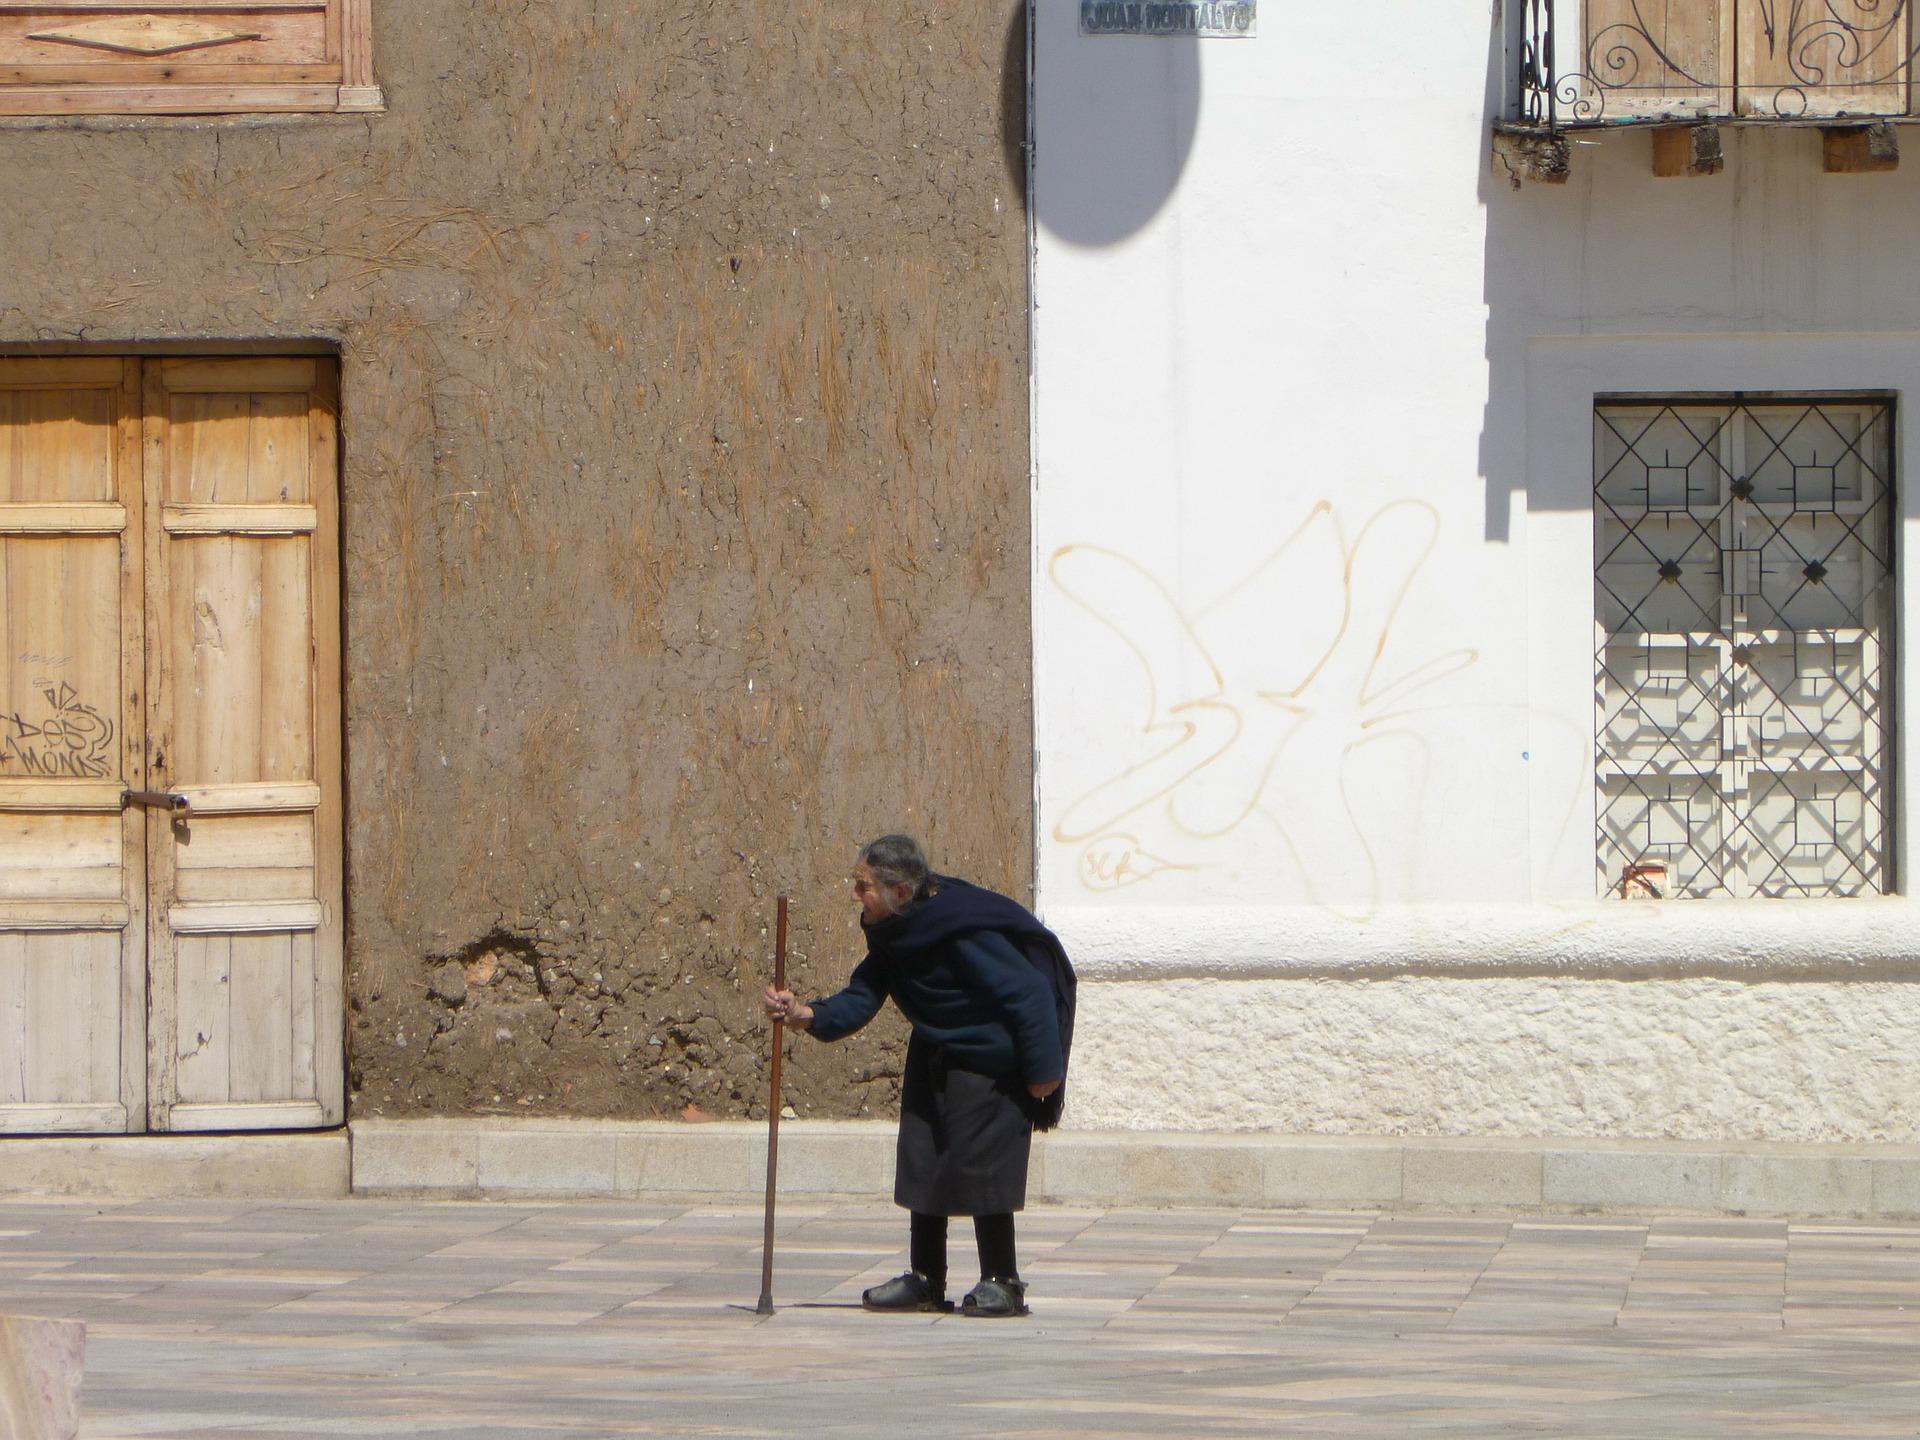 変形性膝関節症の予防歩行〜大股でカカトから歩くのは禁止〜